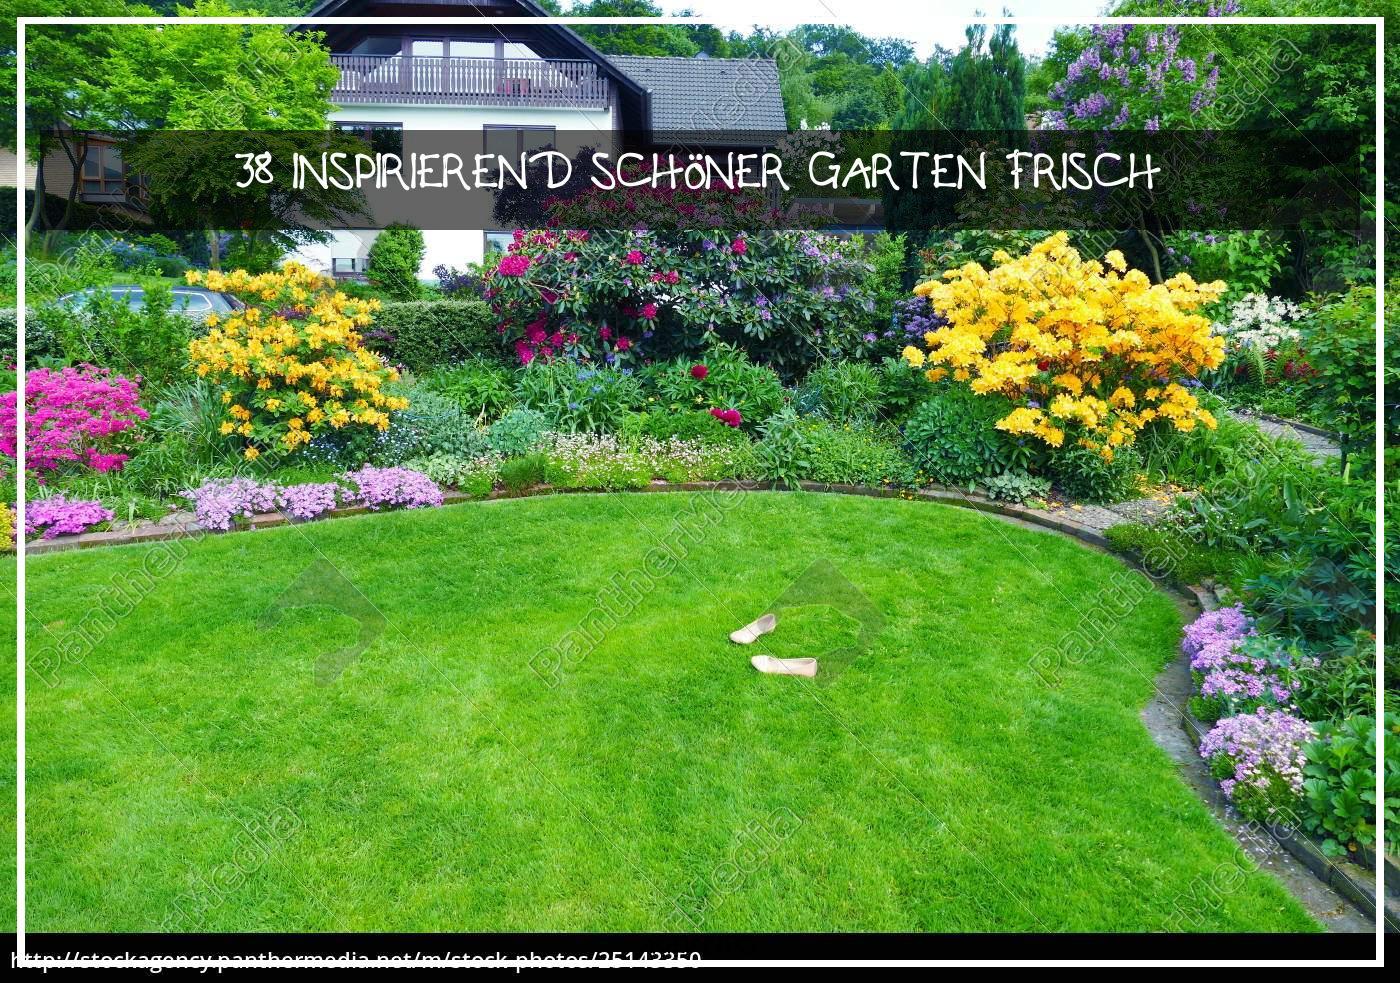 Schöner Garten Reizend Stock Bild Schöner Garten